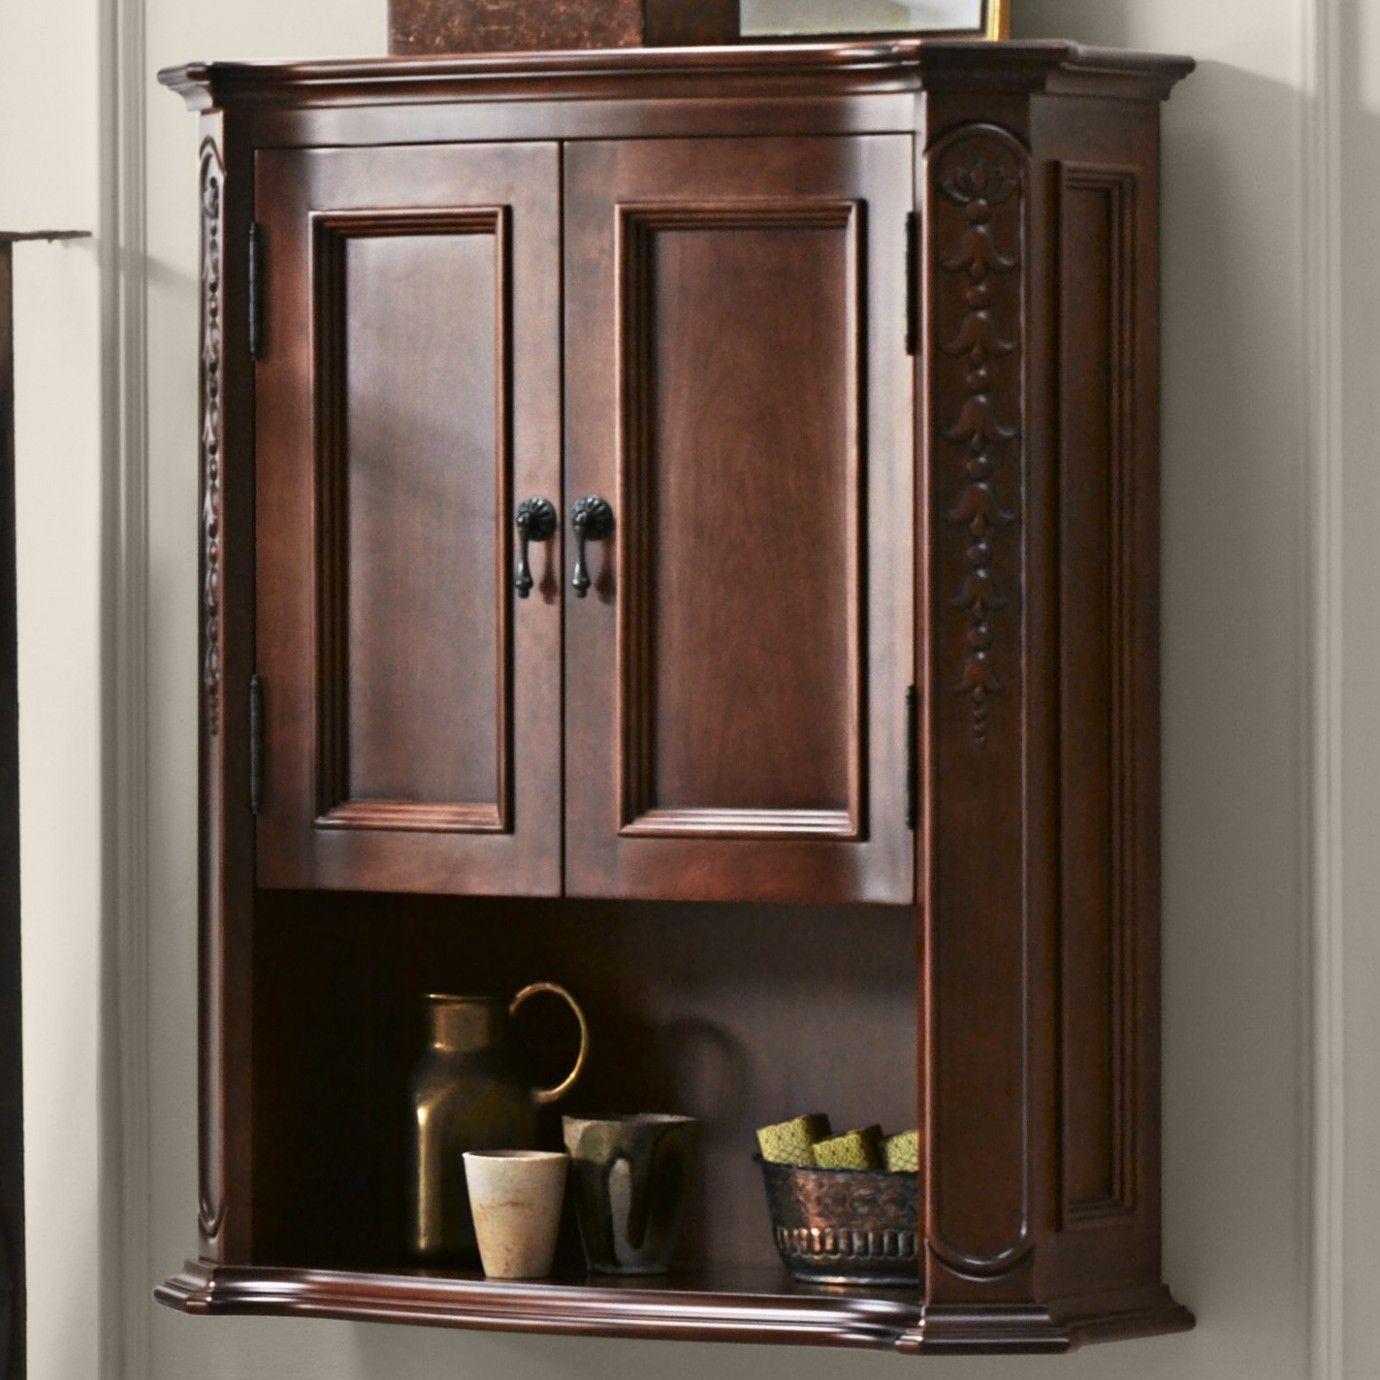 wood bathroom wall cabinets over the di 2020 dekorasi on wall cabinets id=39630